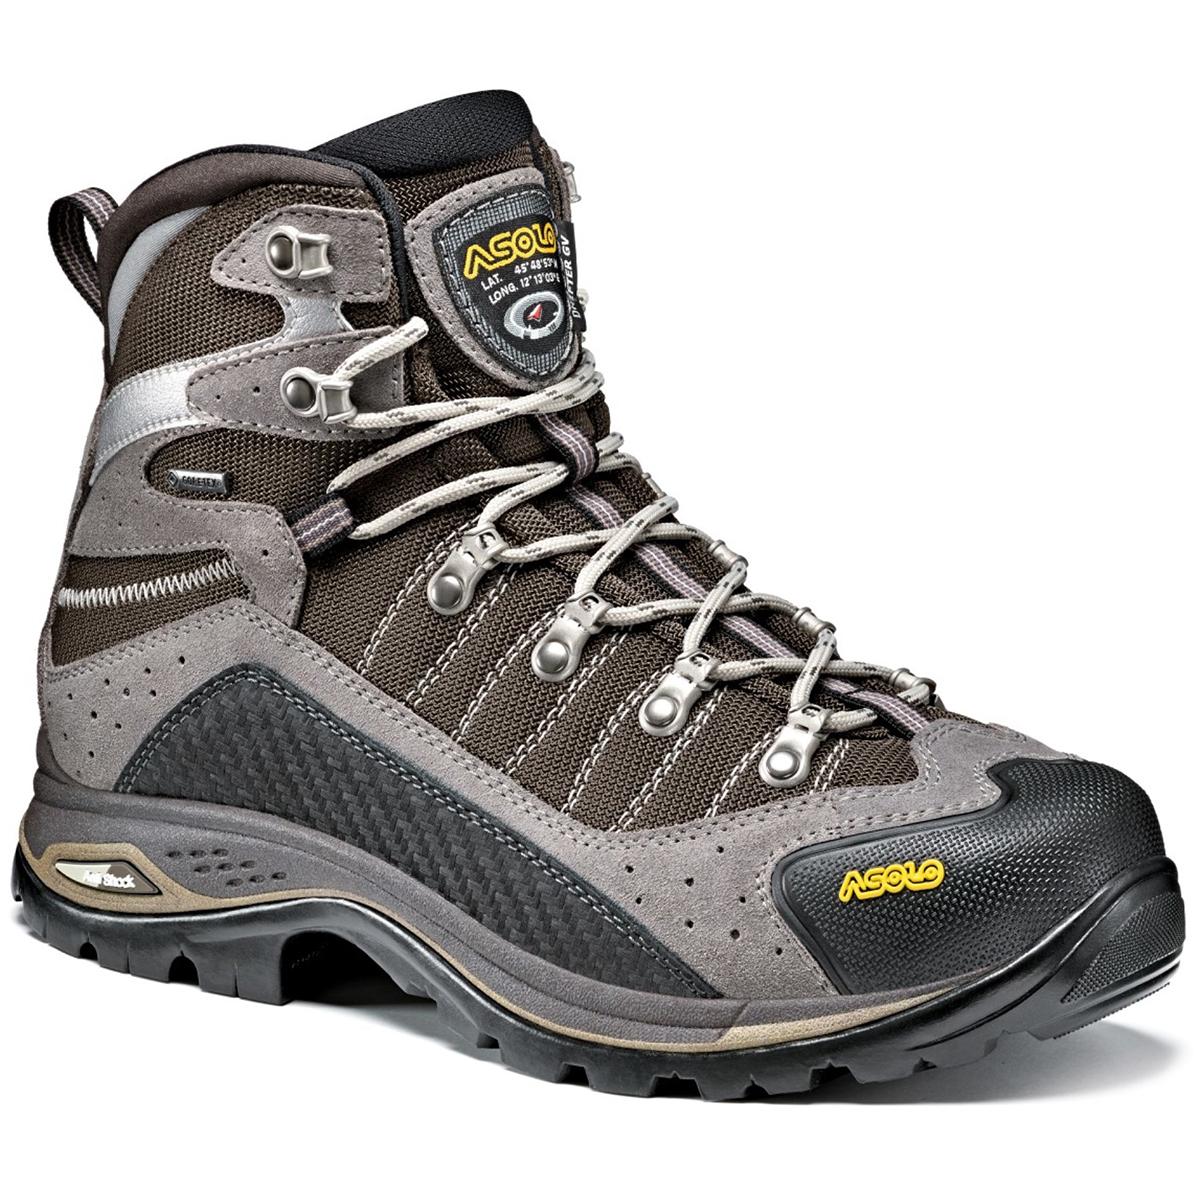 Womens High Colorado X-Hike grey light blue Neuf Randonnée Trekking Chaussures gr:41